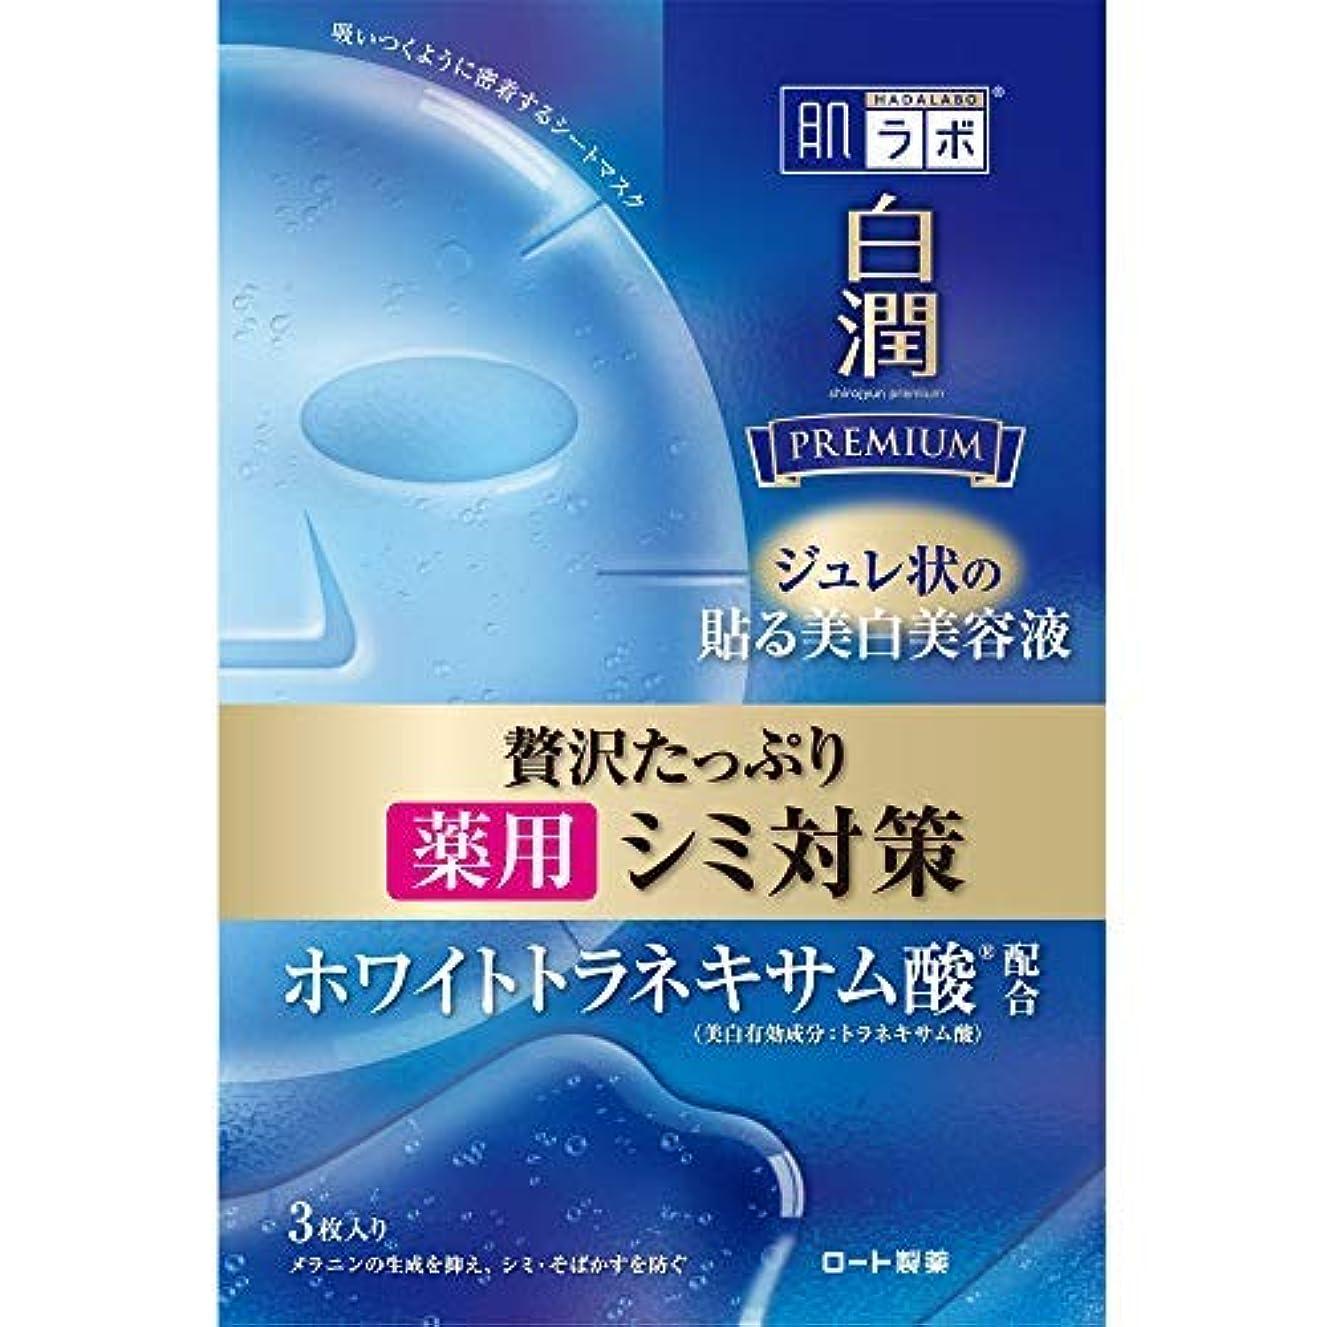 労苦才能のある貫通肌ラボ 白潤プレミアム 薬用浸透美白ジュレマスク × 2個セット